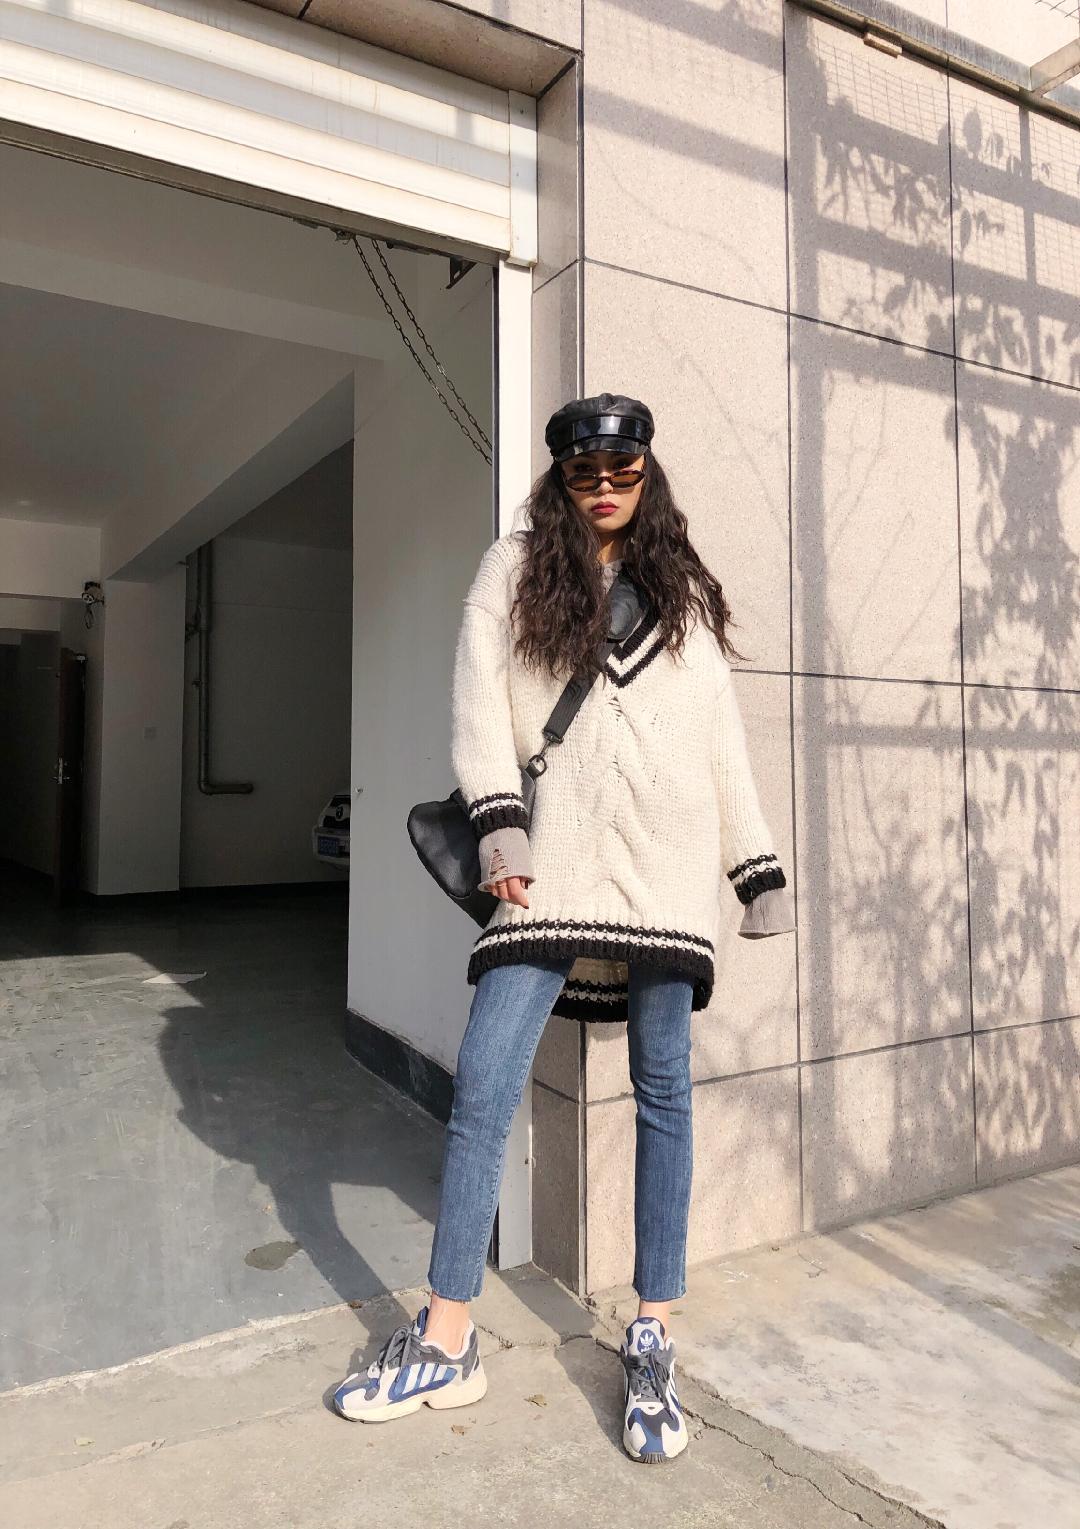 """#大一号就是我的""""移动被窝""""# 白色的大V領毛衣简直是显瘦神器 在ZARA的粗针毛衣织法很时尚 但是质量真的不敢恭维哈哈哈 也就能穿一个样子 但是这种大大的毛衣是真的显瘦 加上我带了摩登帽 一帽解千愁 走哪都是摩登都市街拍女孩 顺便背了一款大包包这样就显得人比较娇小 运动鞋不能少"""